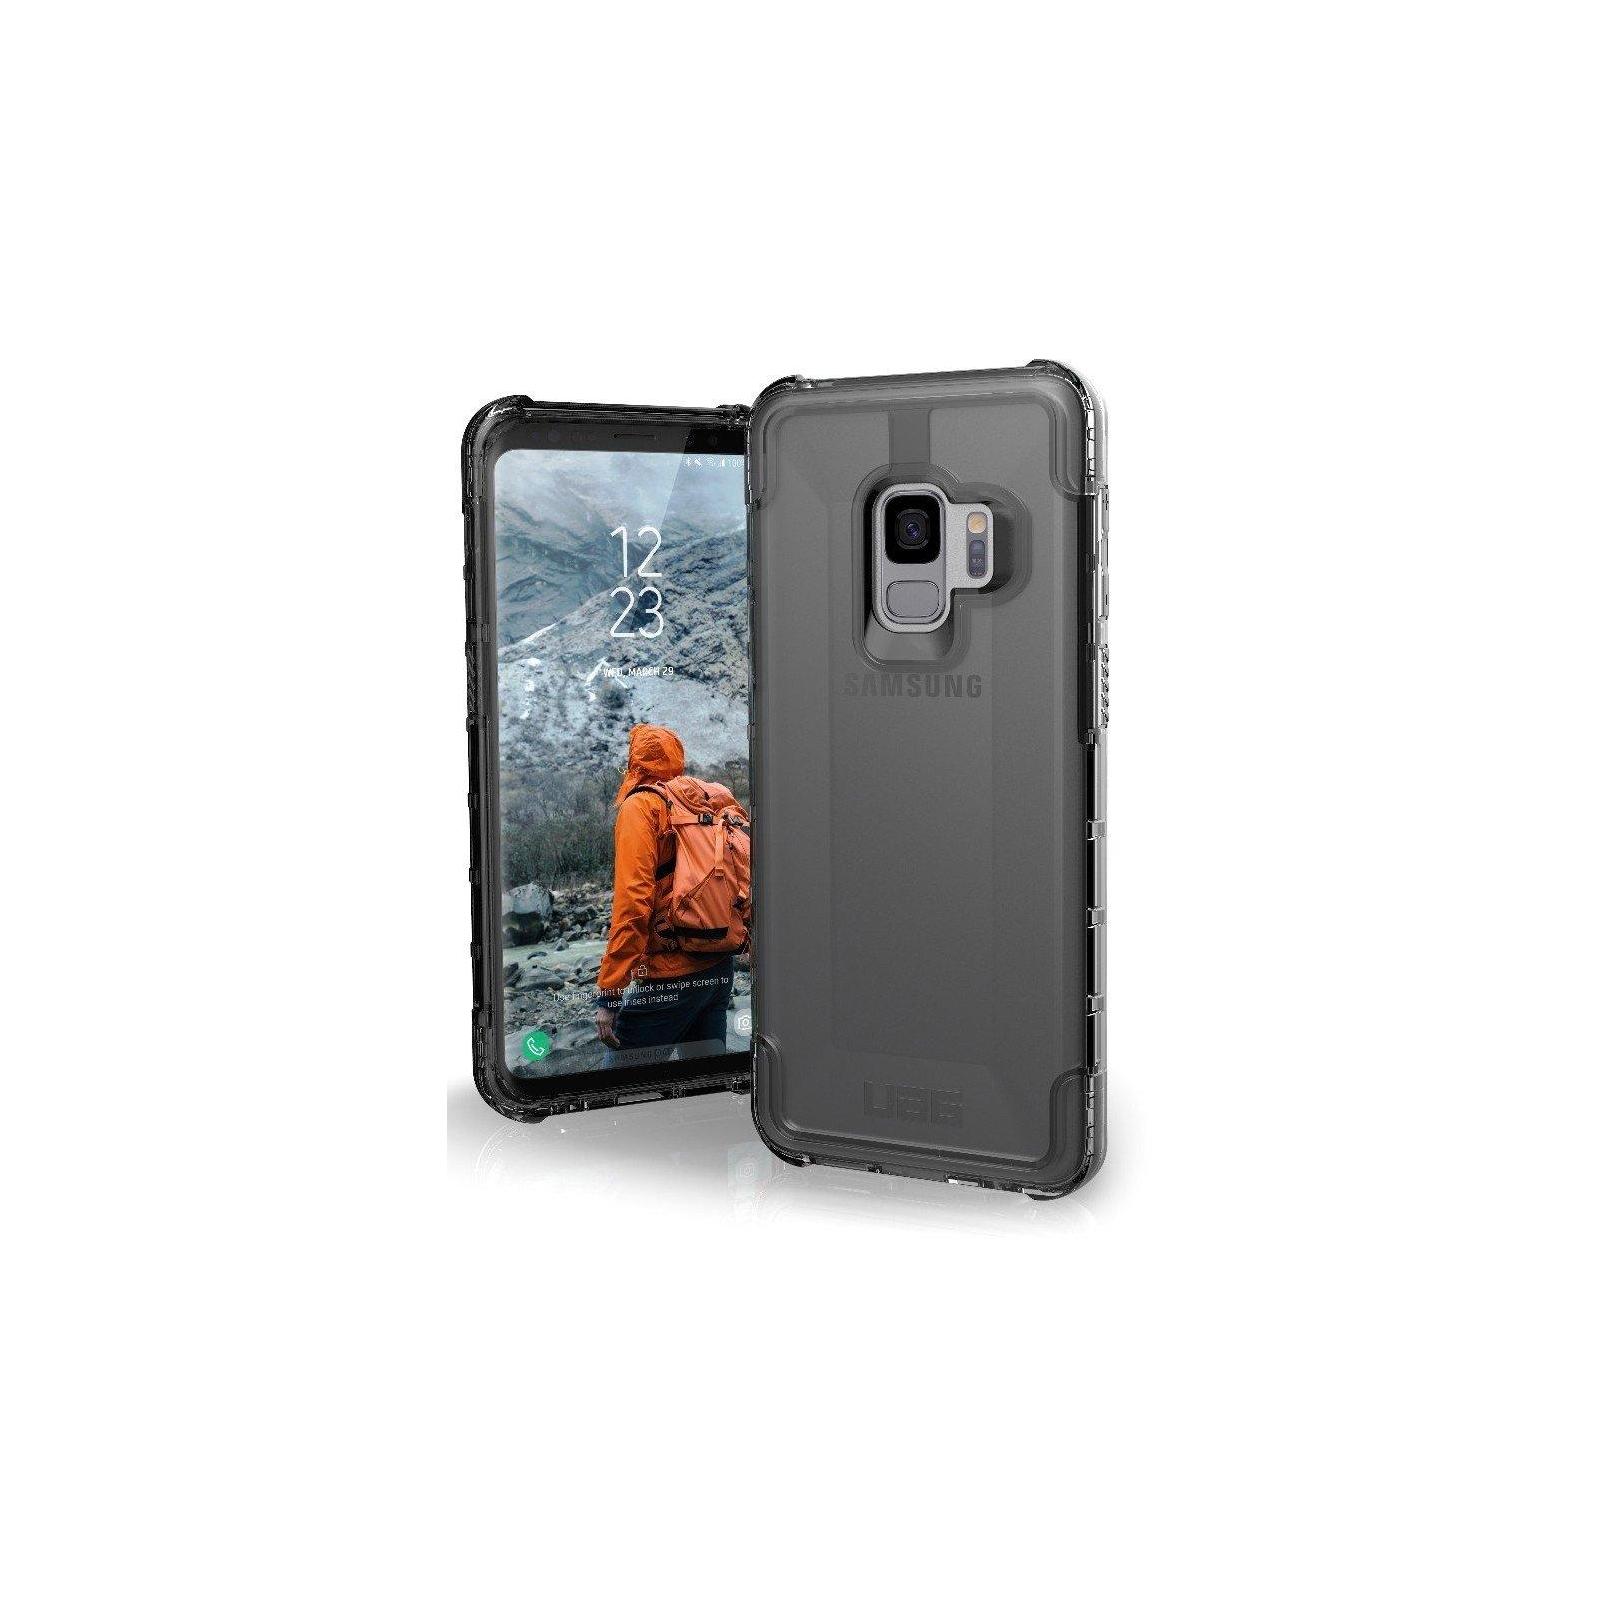 Чехол для моб. телефона Urban Armor Gear Galaxy S9 Plyo Ash (GLXS9-Y-AS) изображение 6